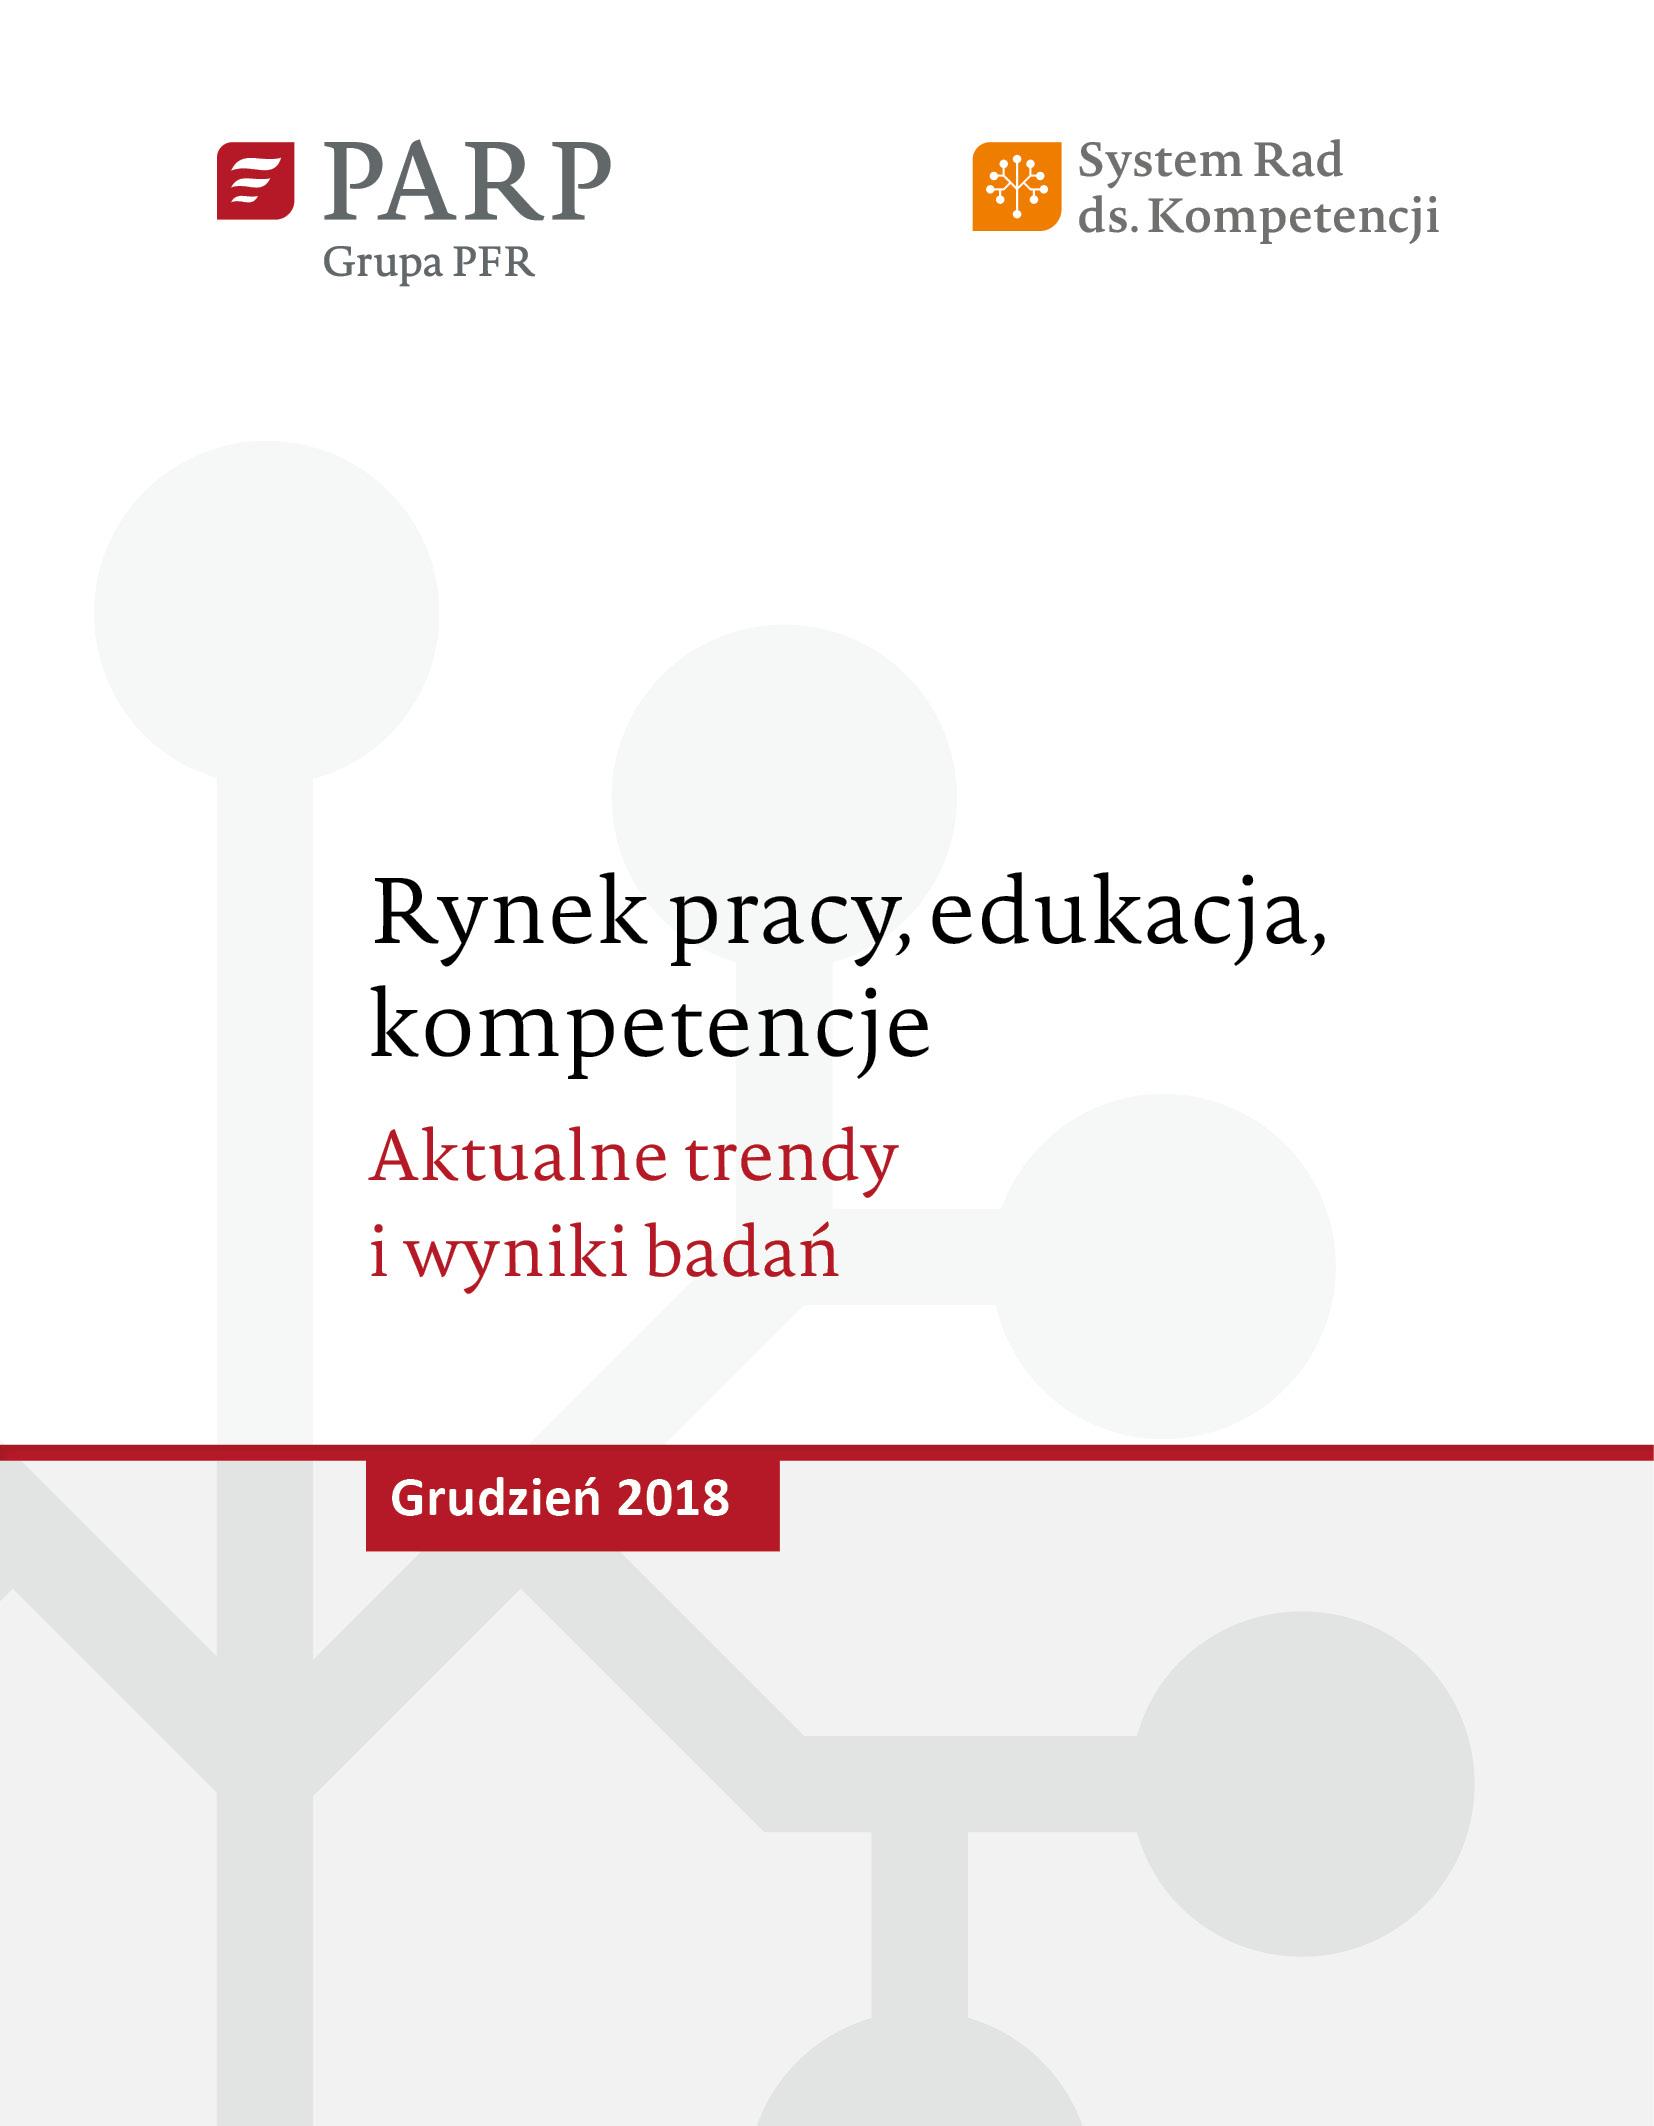 Rynek pracy, edukacja, kompetencje - grudzień 2018